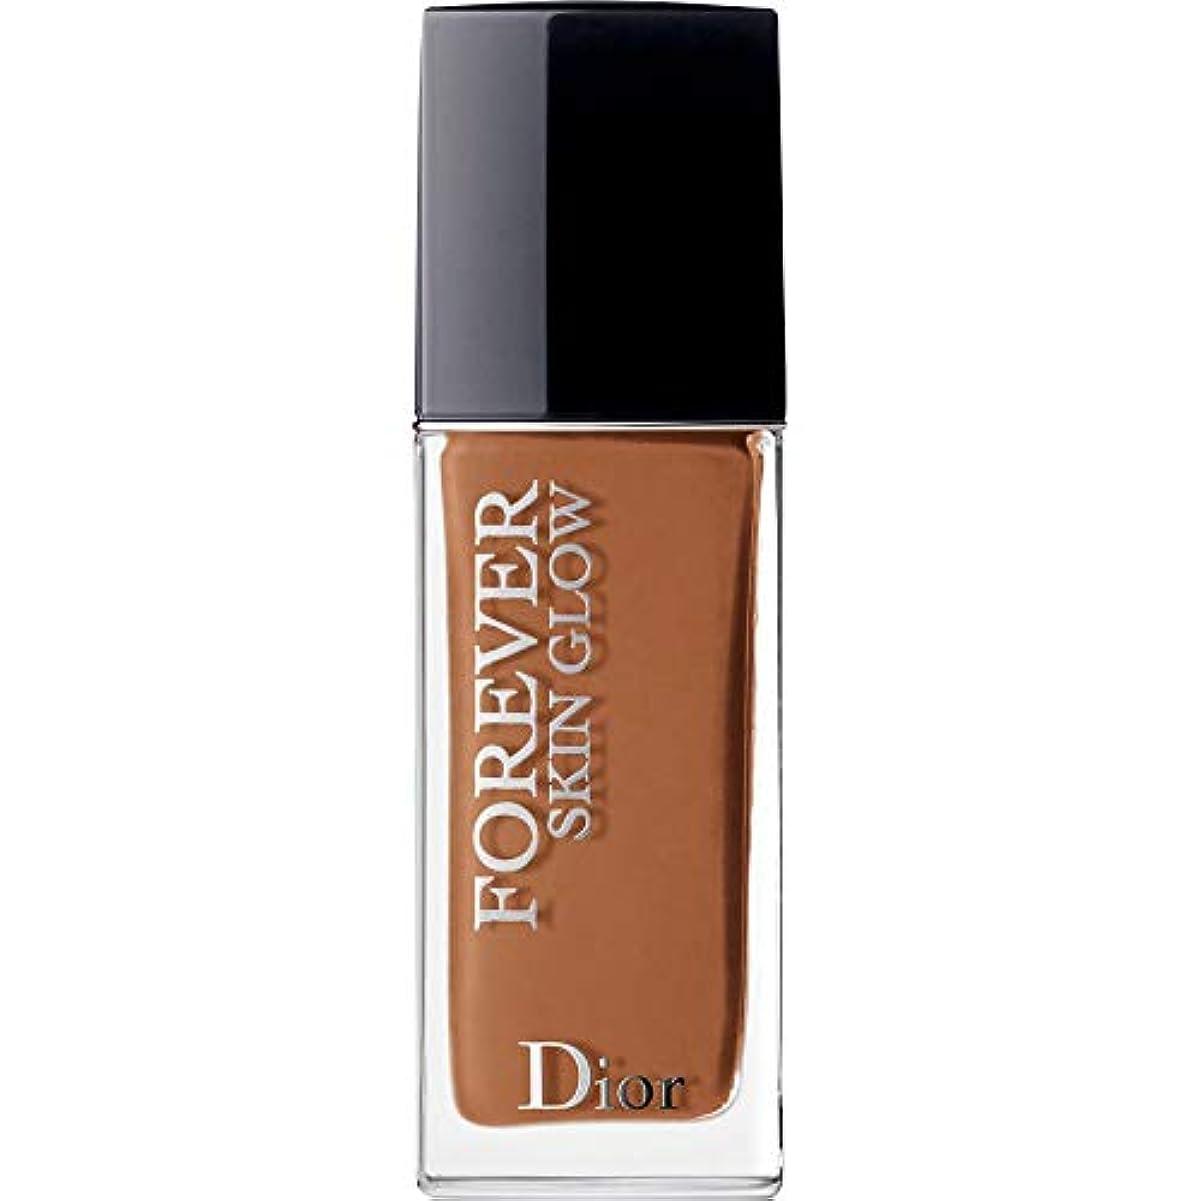 青写真ええ靴[Dior ] ディオール永遠に皮膚グロー皮膚思いやりの基礎Spf35 30ミリリットルの6N - ニュートラル(肌の輝き) - DIOR Forever Skin Glow Skin-Caring Foundation...